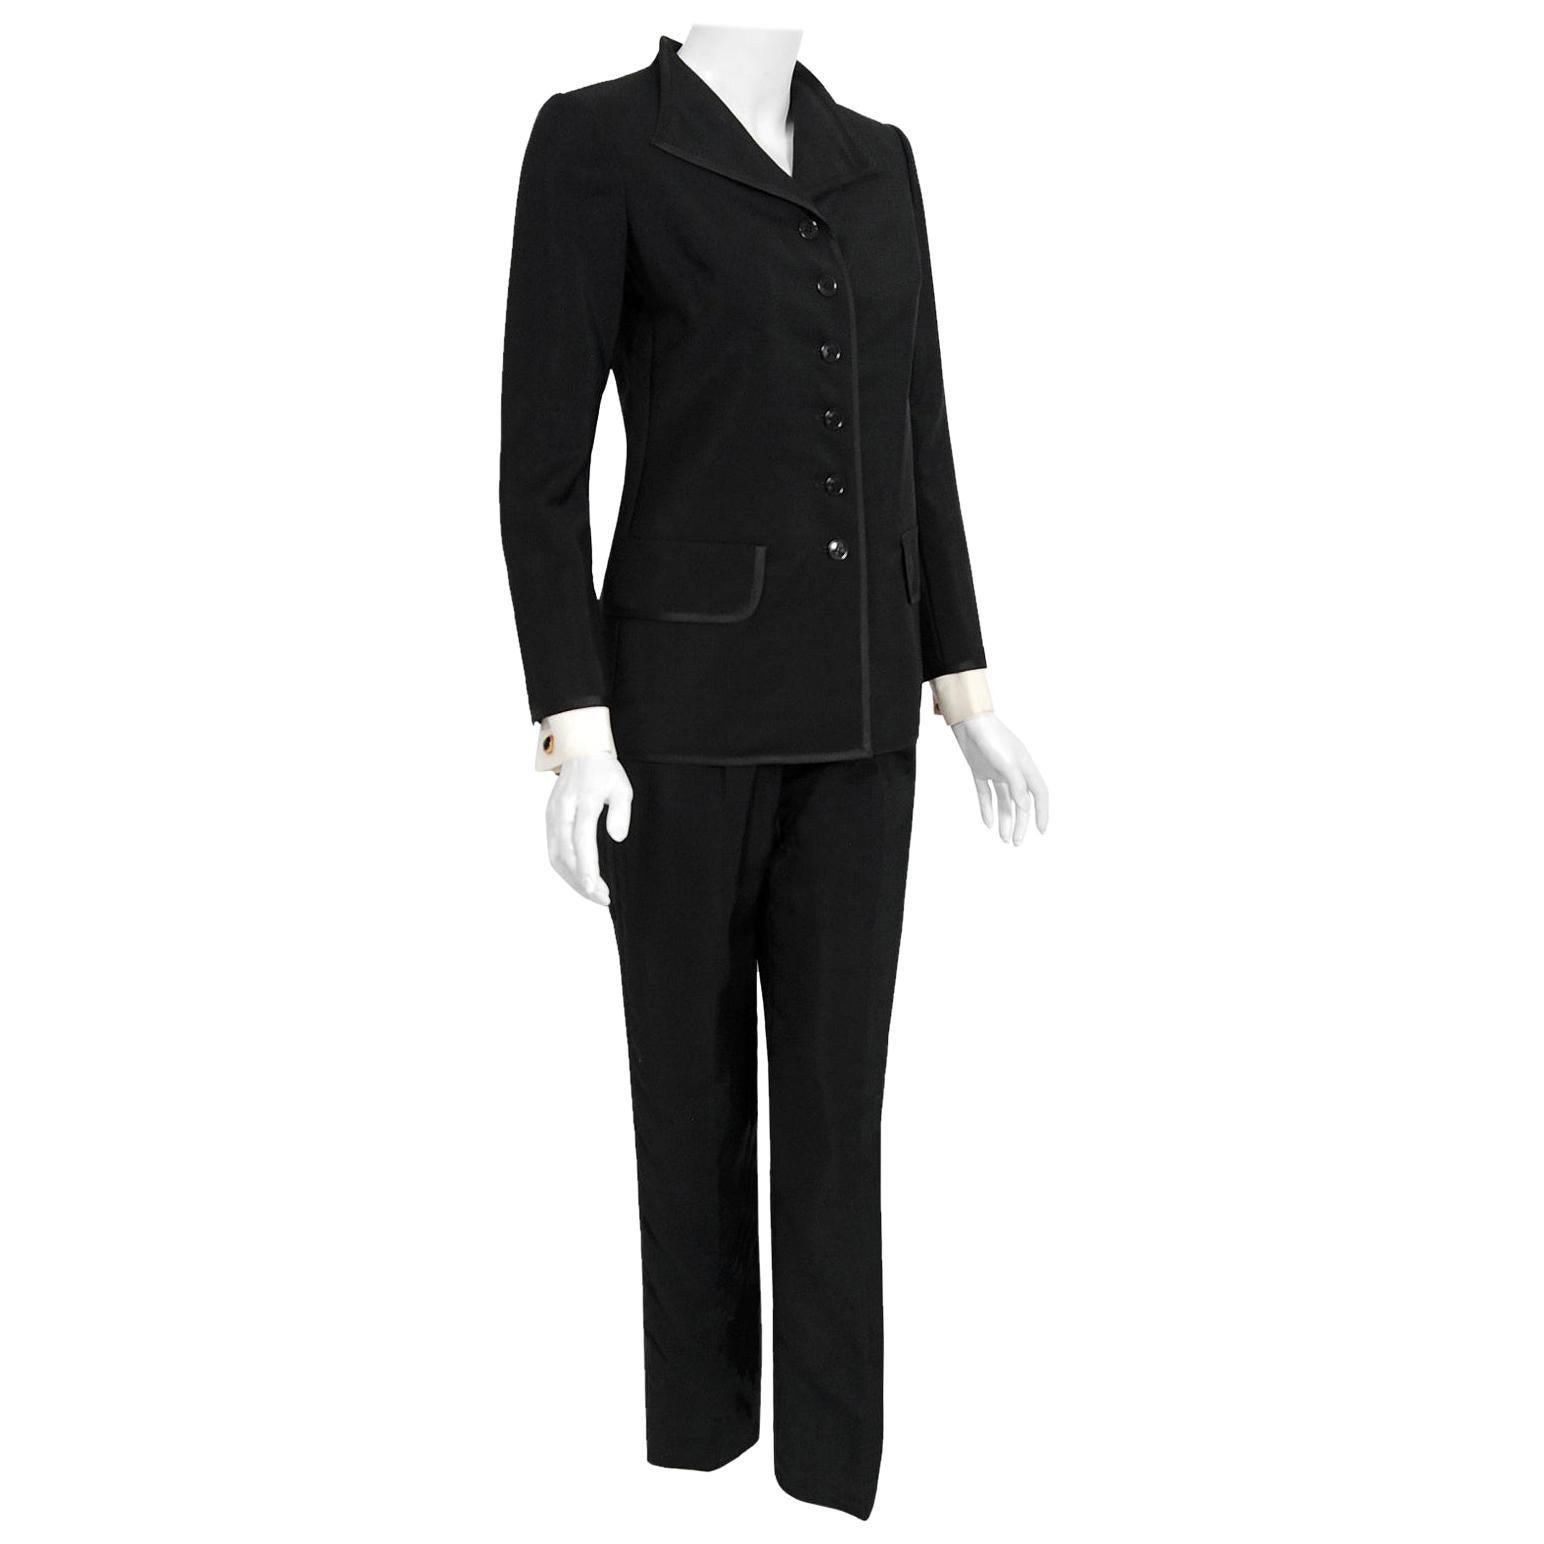 Vintage 1968 Yves Saint Laurent Le Smoking Tuxedo Black Gabardine Pant Suit